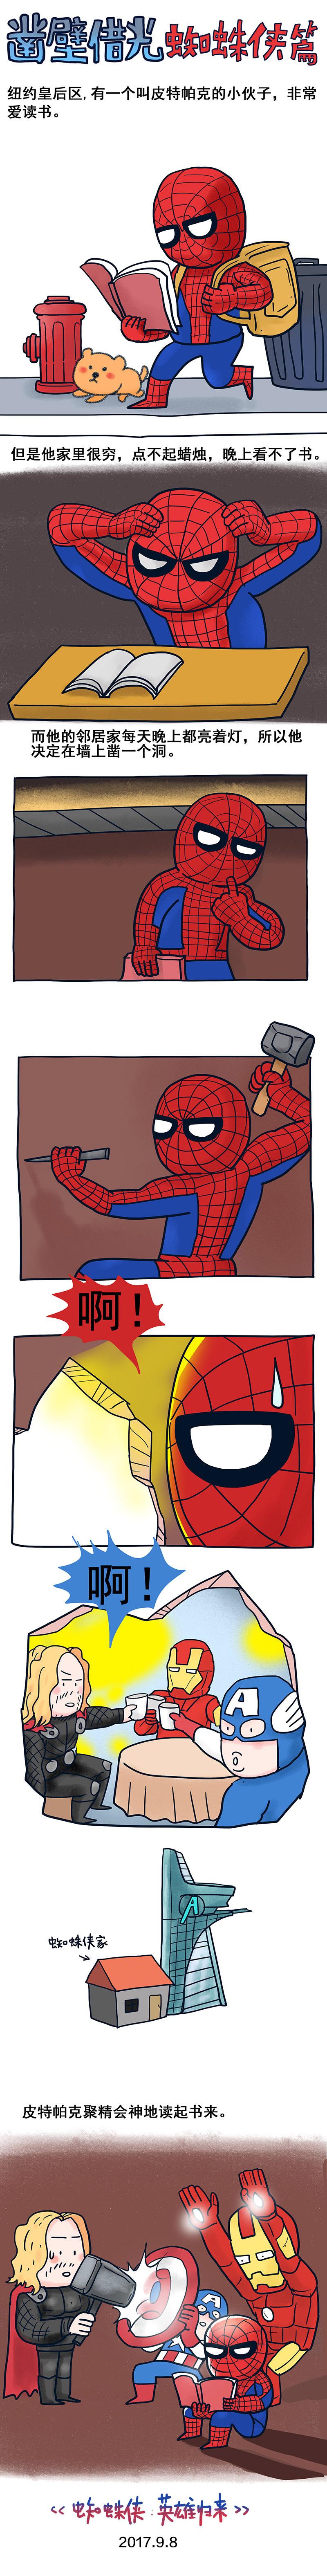 查看《#小矛毁童年#凿壁借光之蜘蛛侠英雄归来》原图,原图尺寸:800x6300